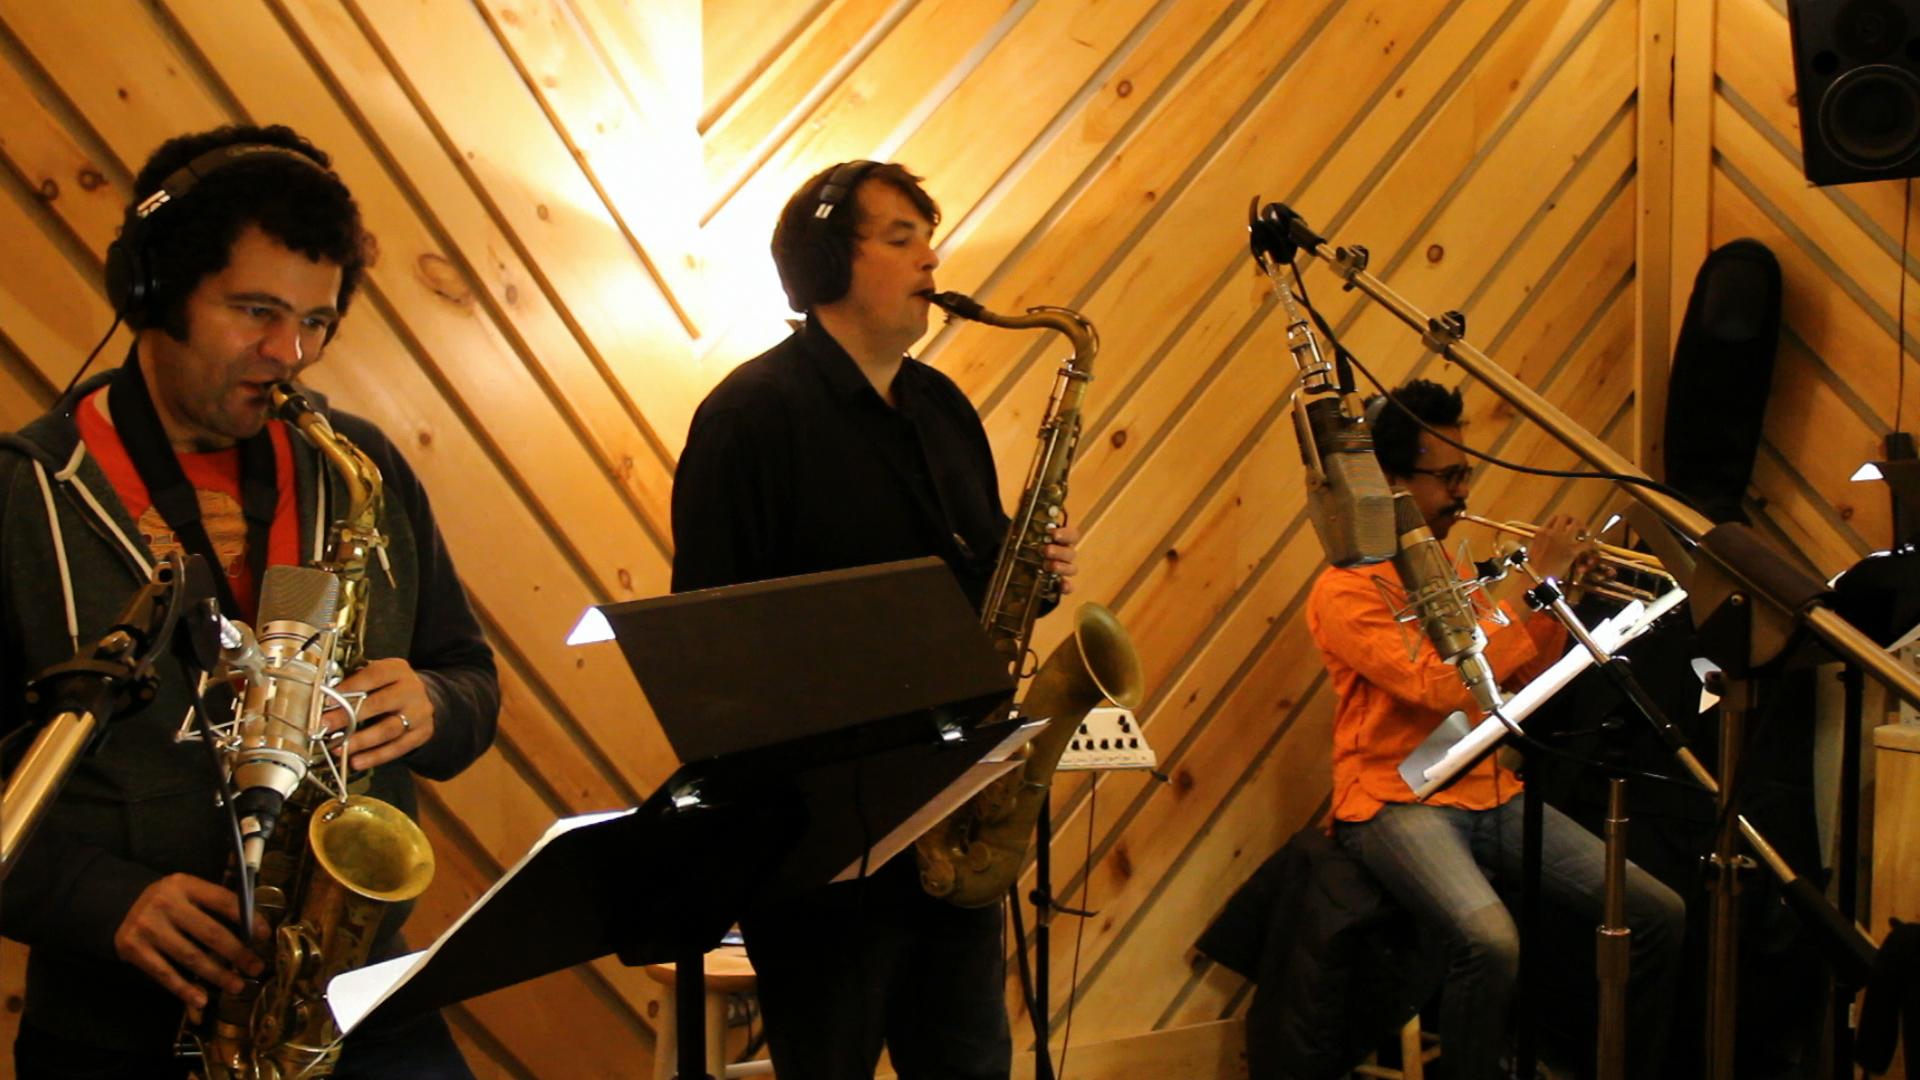 Horns at Bunker studio